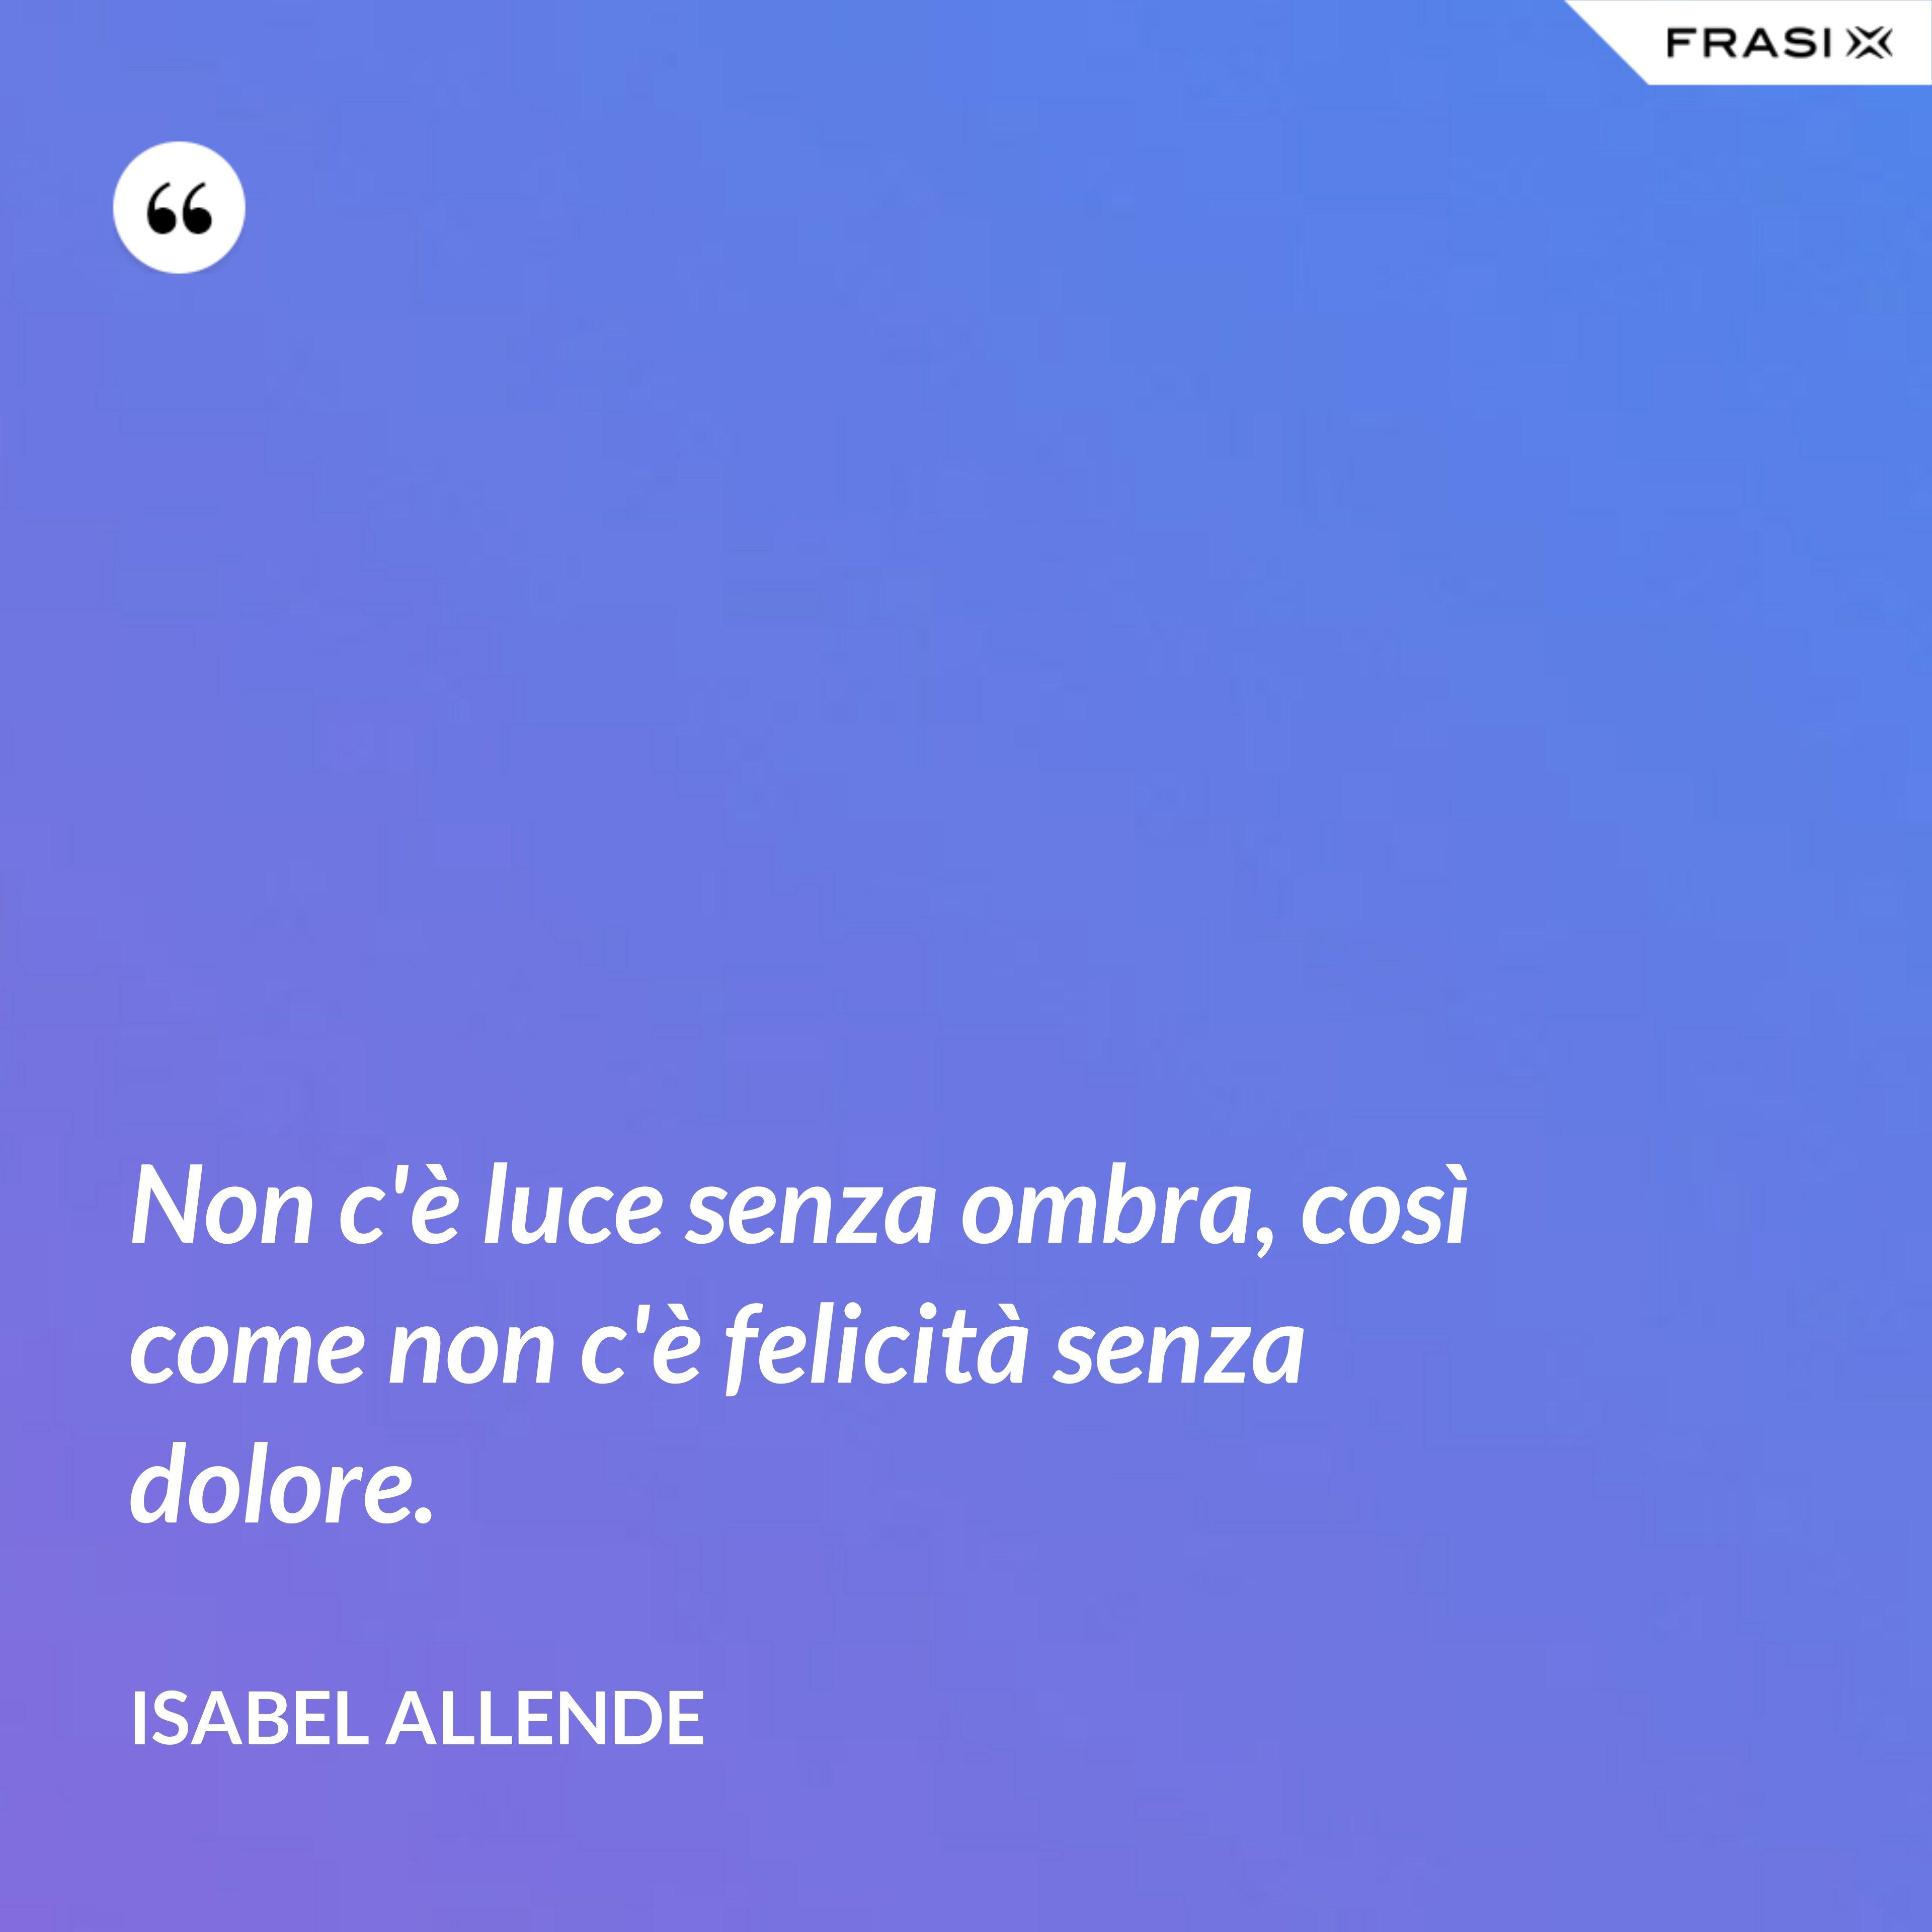 Non c'è luce senza ombra, così come non c'è felicità senza dolore. - Isabel Allende